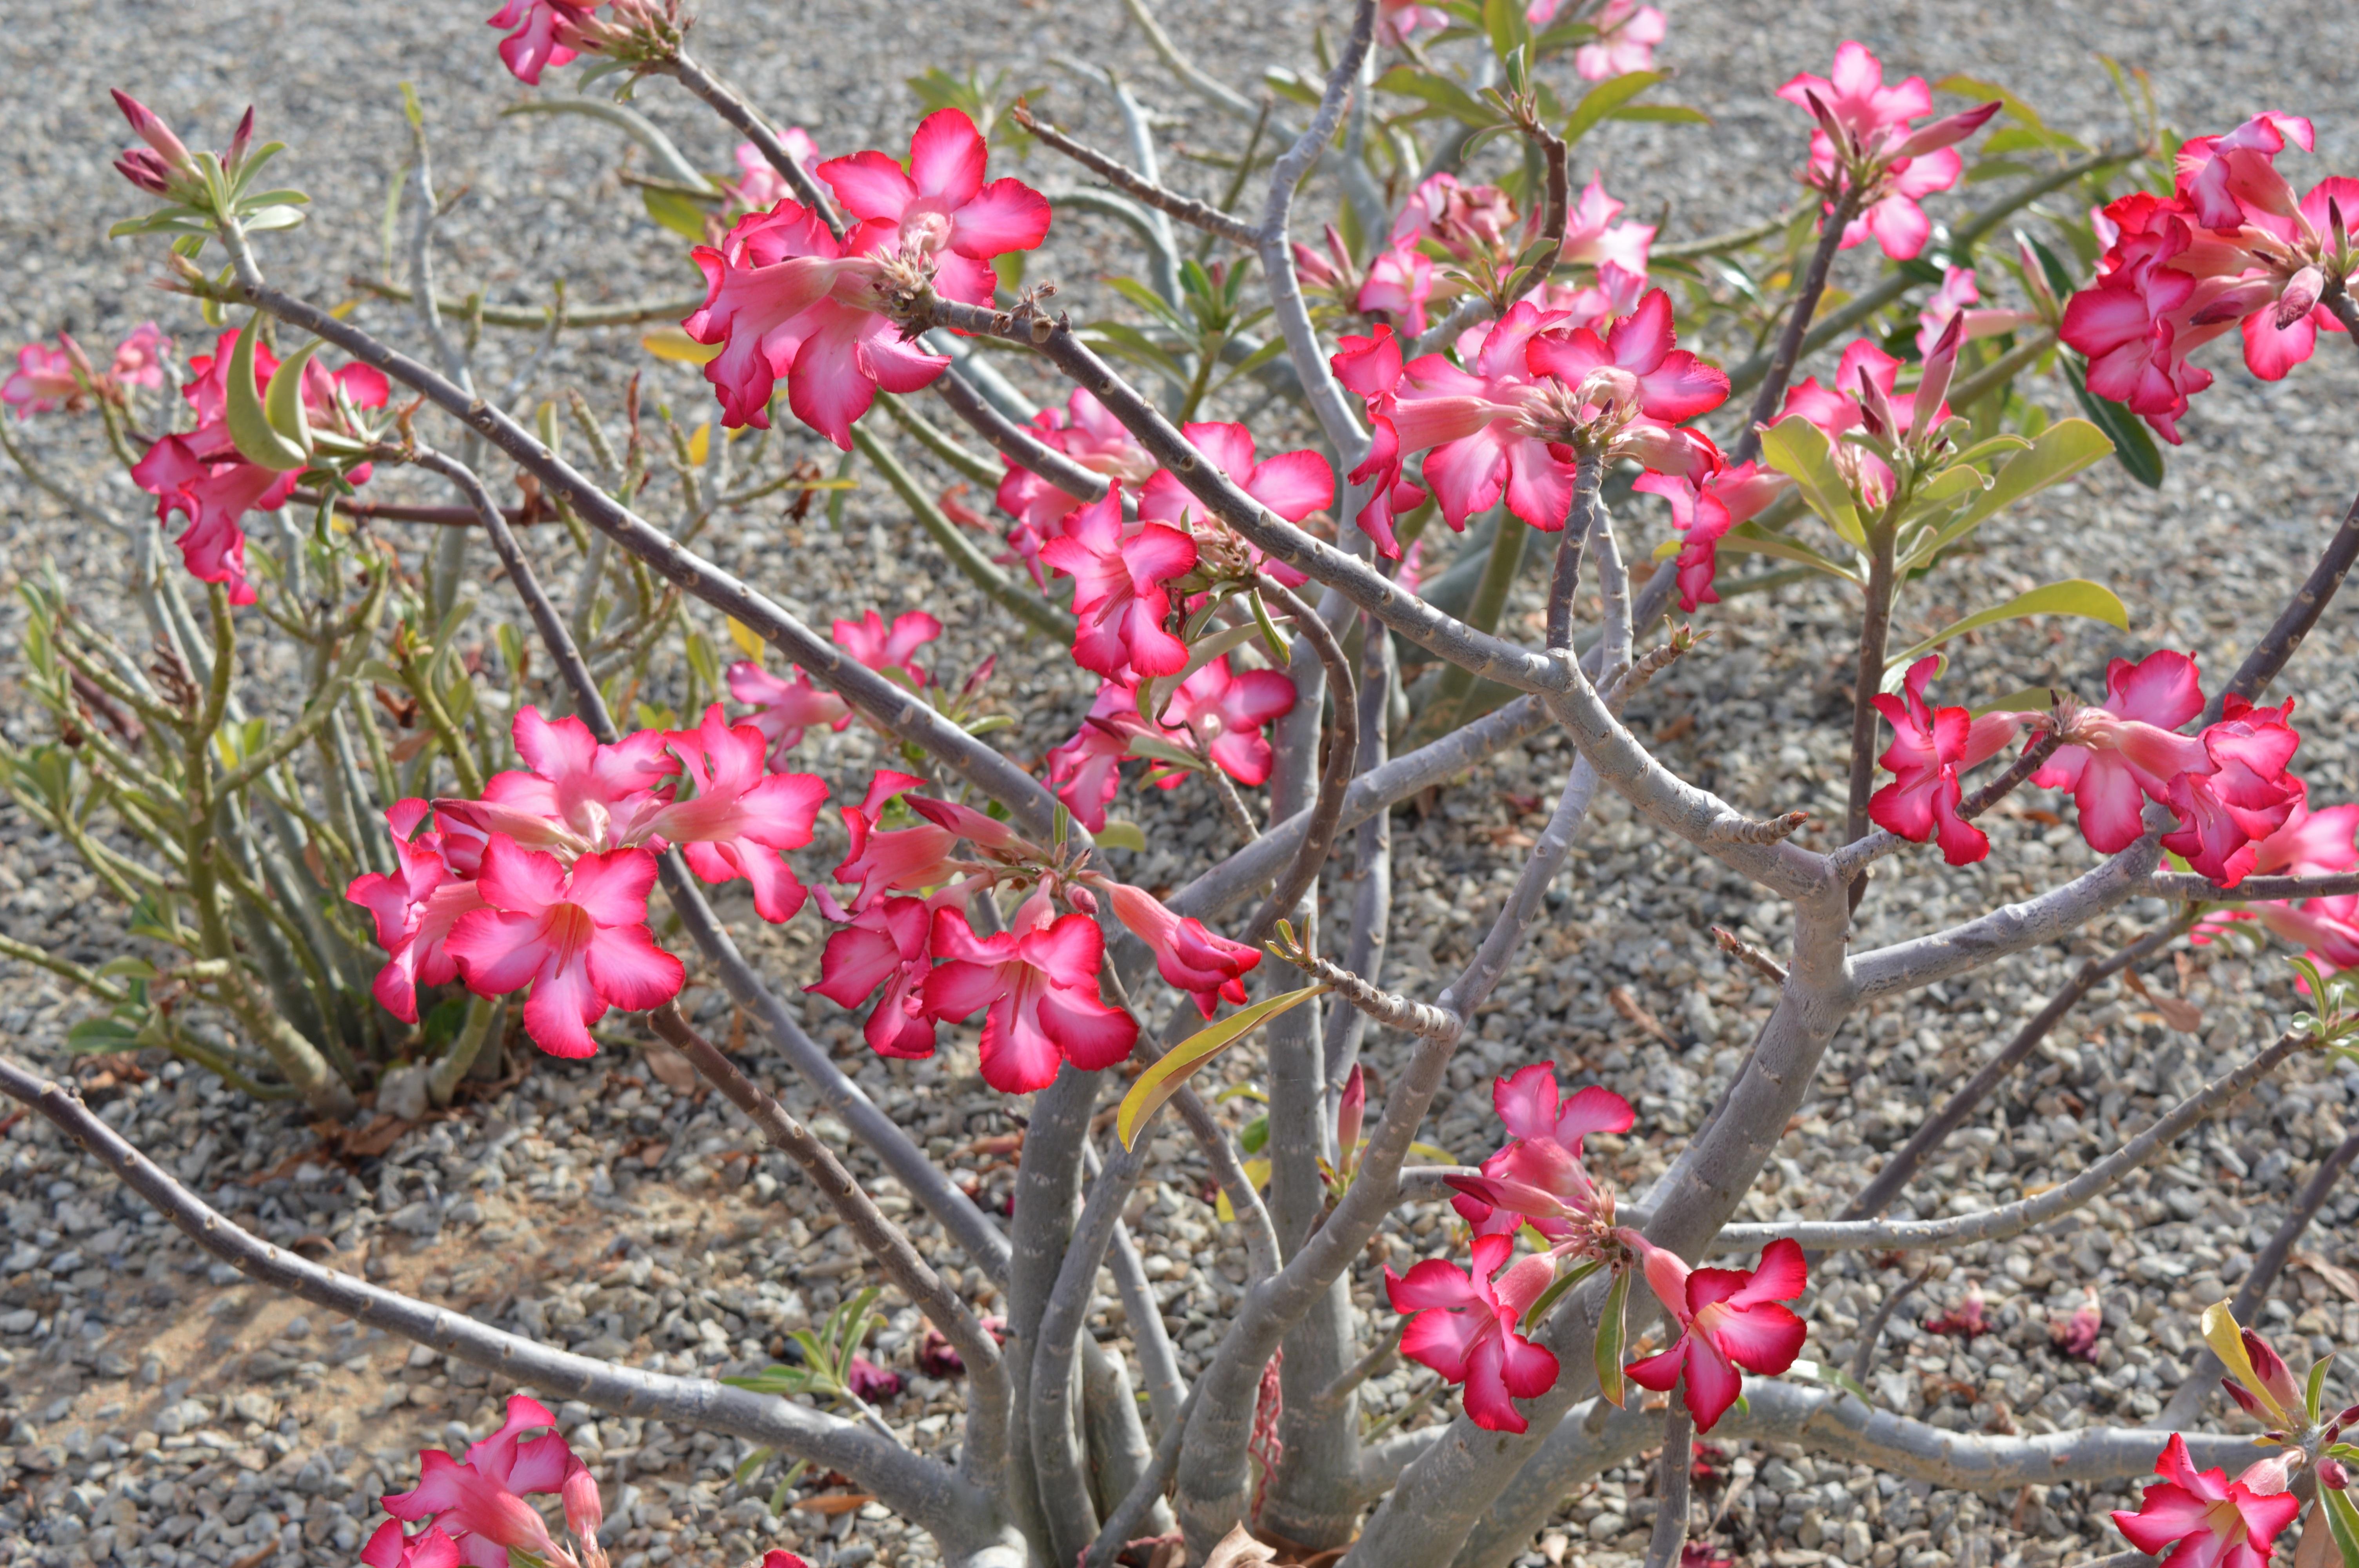 Images Gratuites Fleur Desert Floraison Produire Botanique